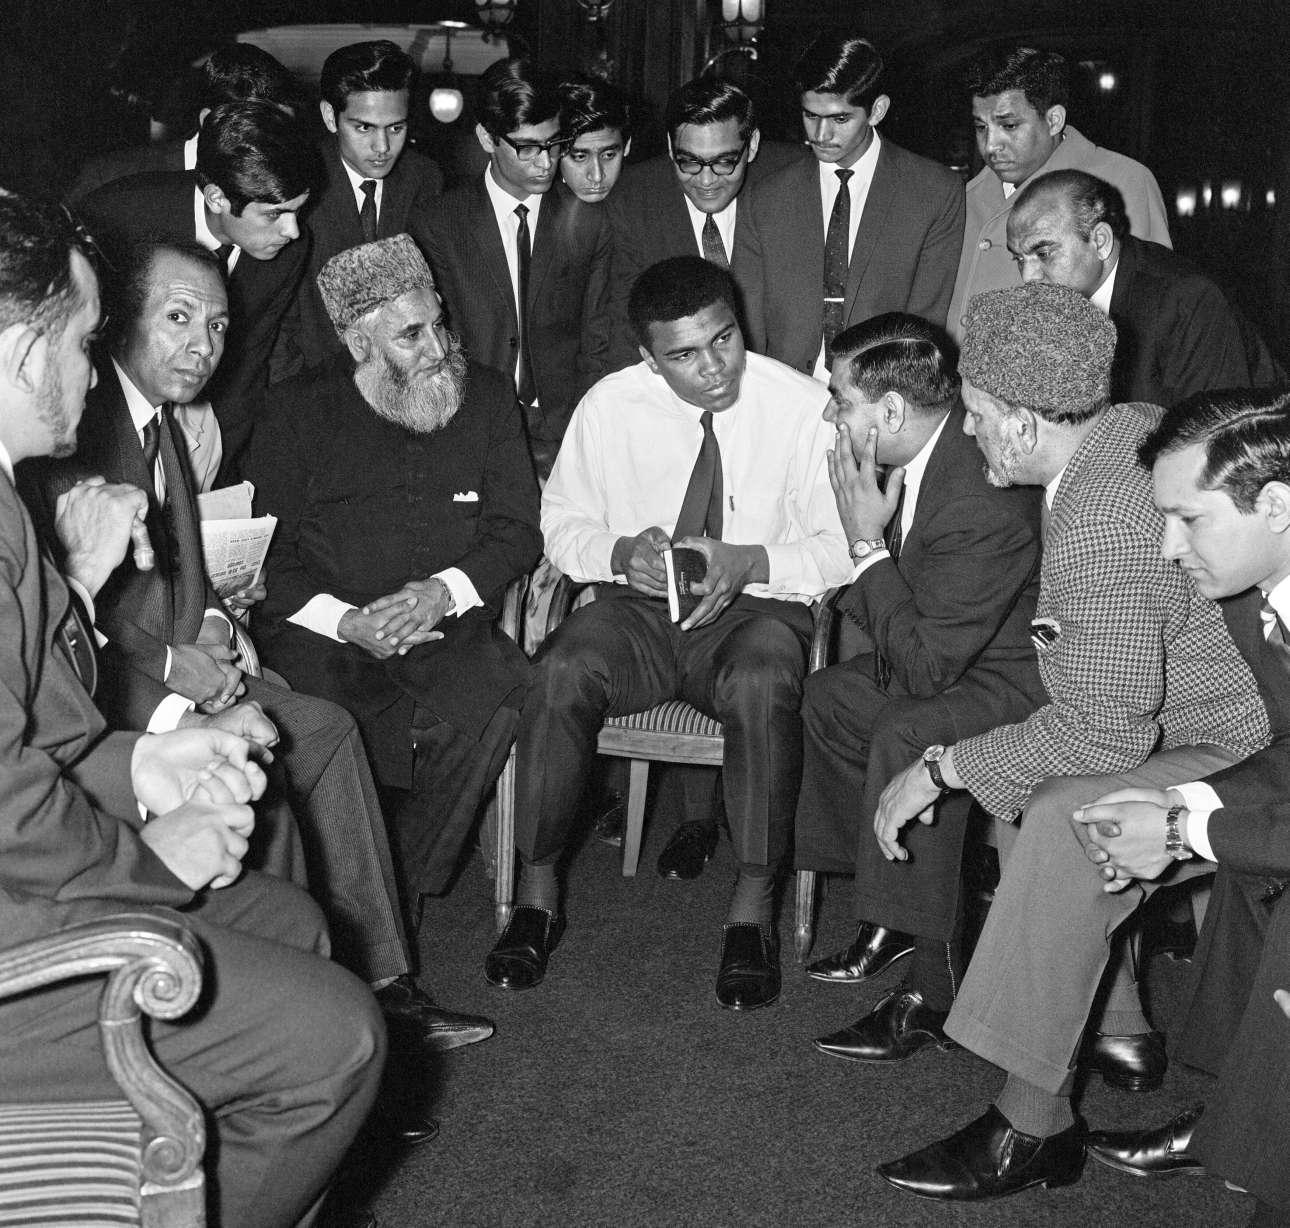 Μάιος 1966, Λονδίνο. Κρατώντας το βιβλίο του Εθνους του Ισλάμ, ο Μοχάμεντ Αλι συνομιλεί με μουσουλμάνους της βρετανικής πρωτεύουσας